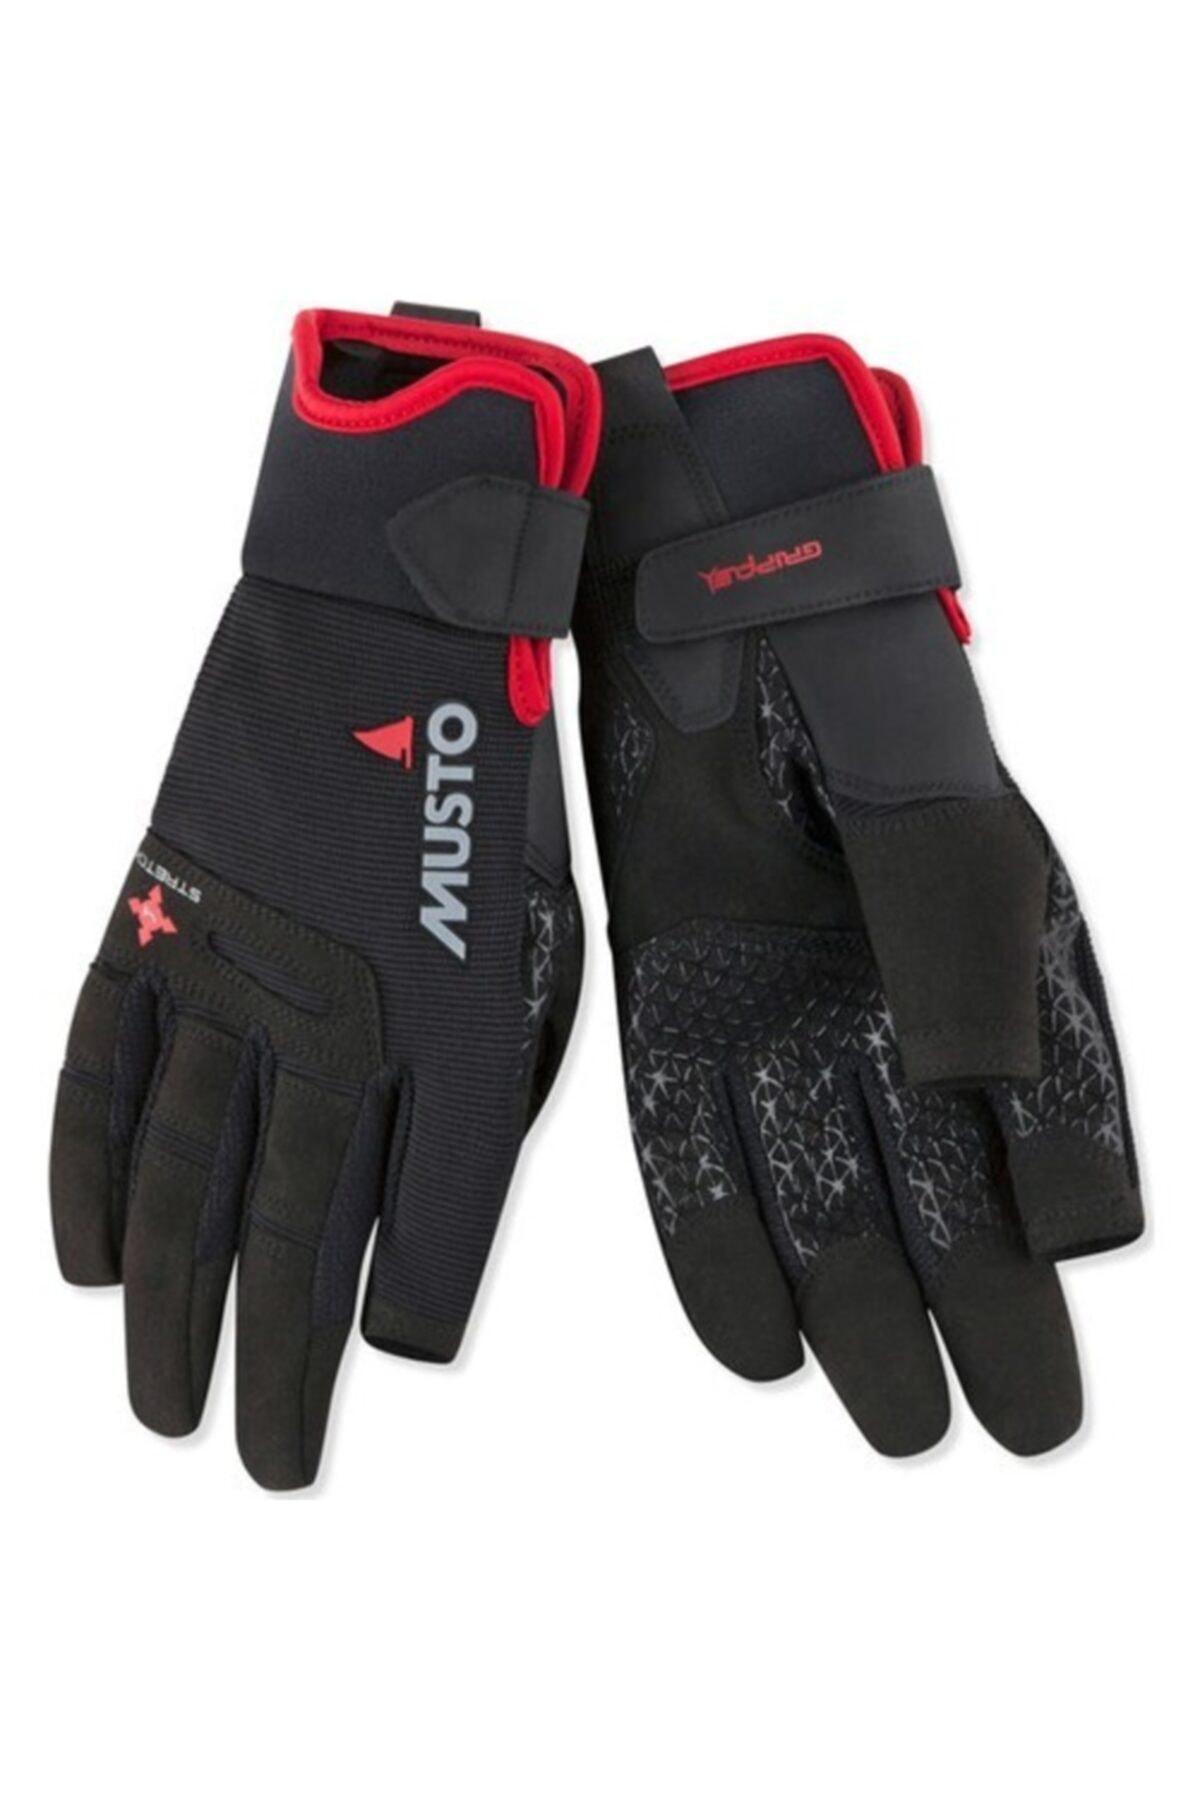 Musto Perf Lf Glove Kırmızı Yelken Eldiveni 1